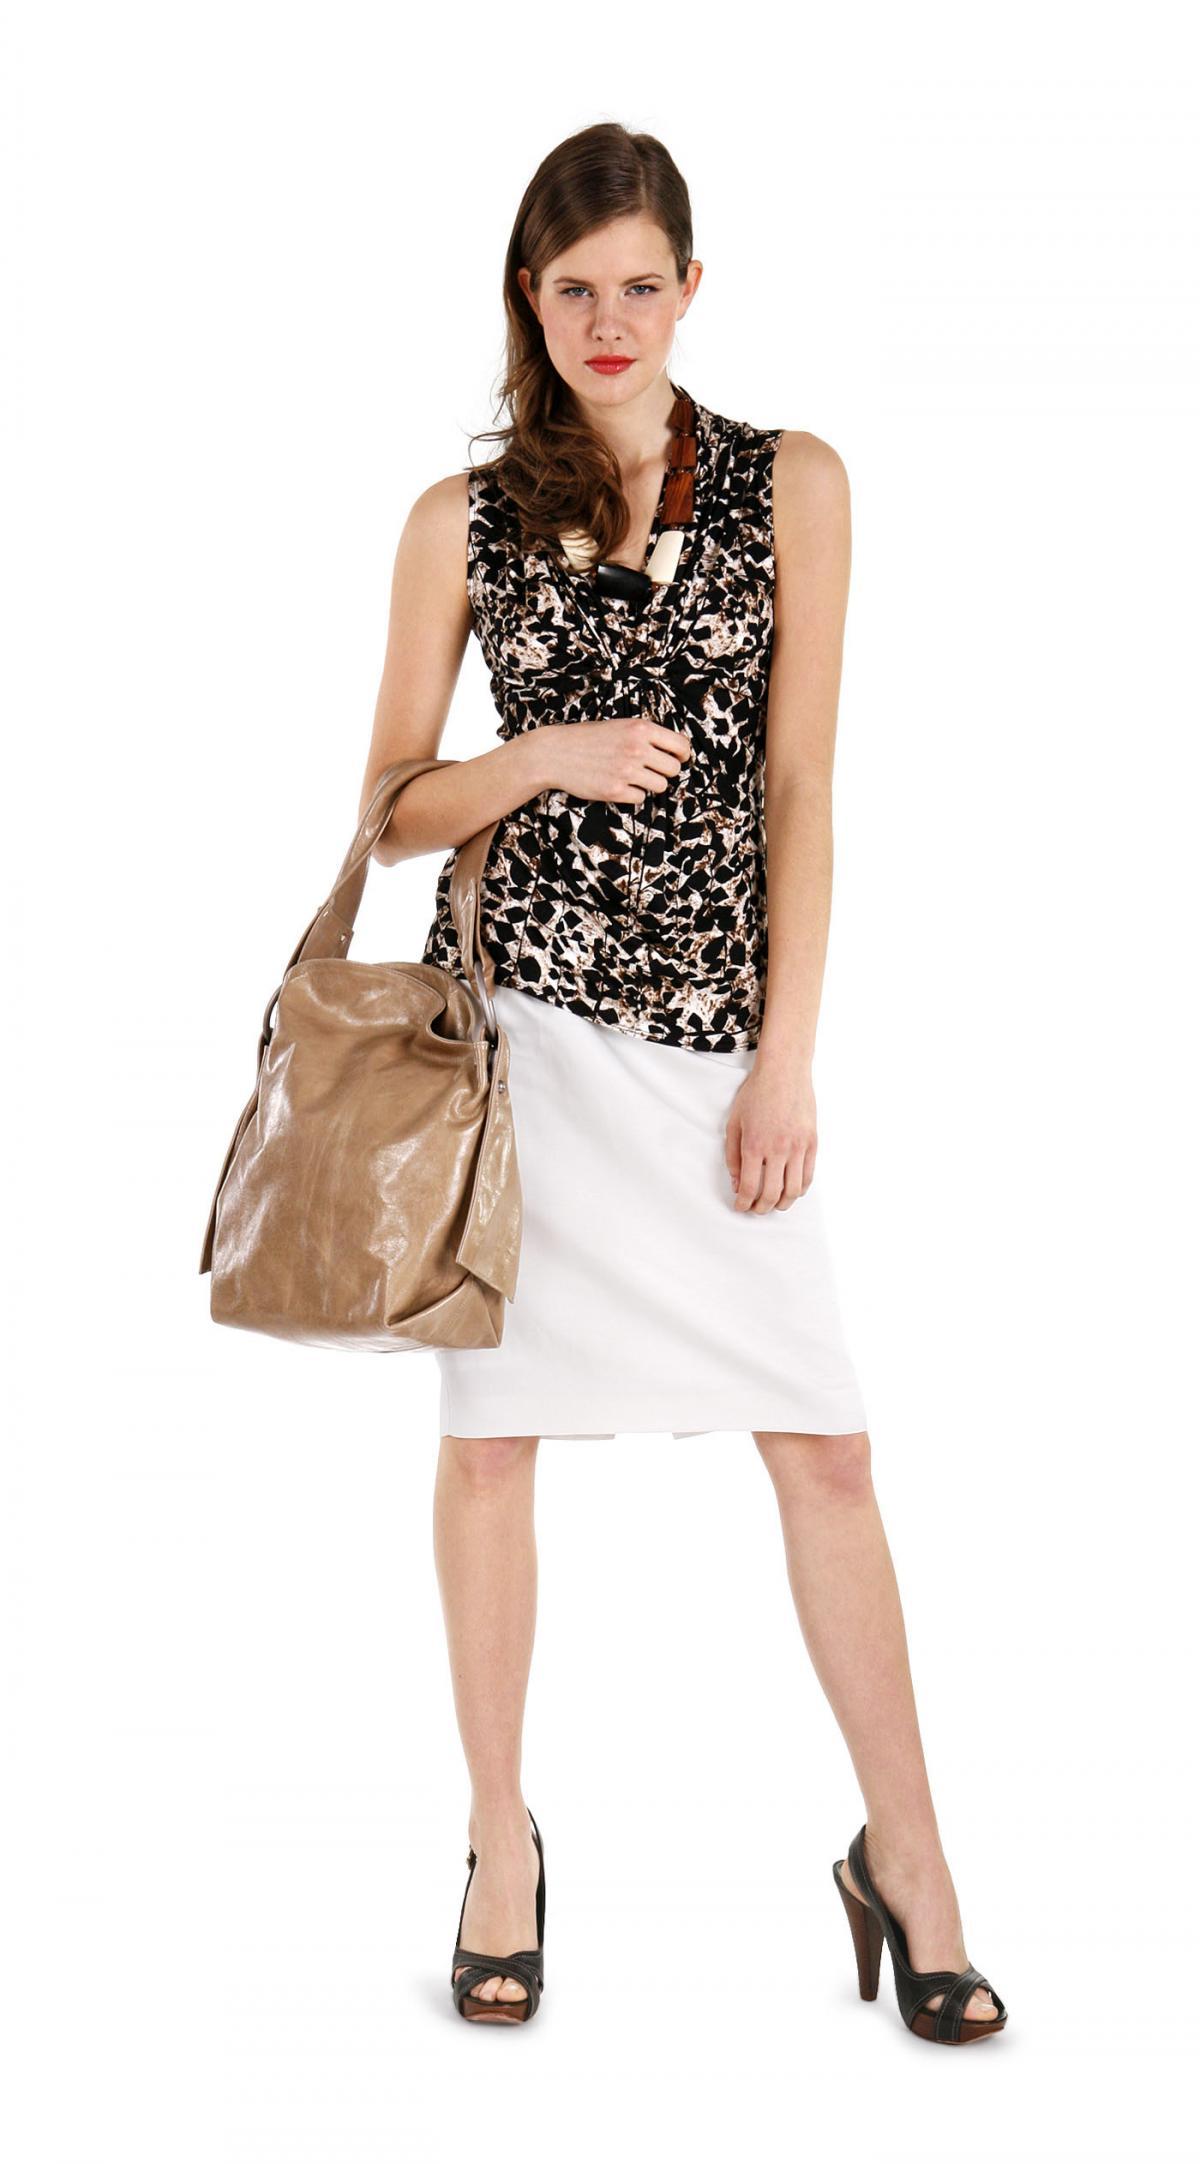 Wiosenno-letnie sukienki i spódnice Solar - Zdjęcie 28